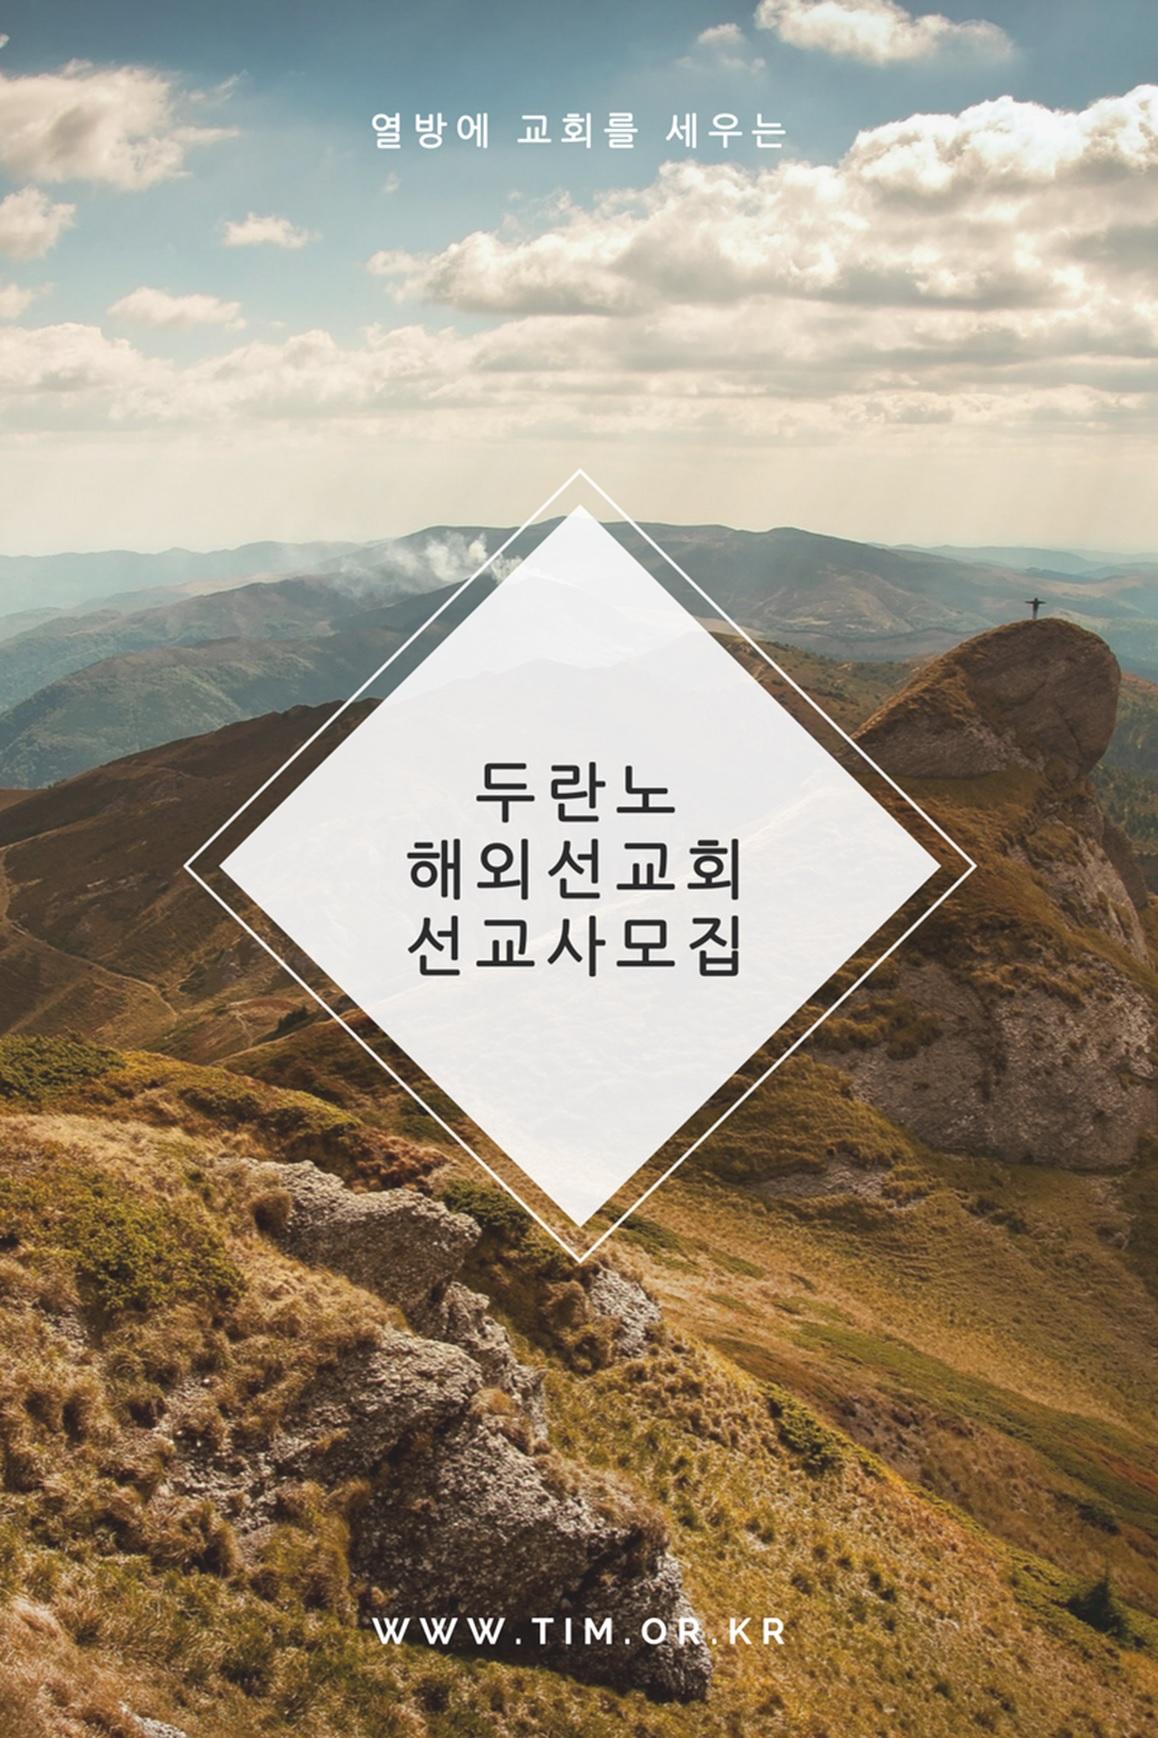 2017년 두란노해외선교회(TIM) 단기선교사 모집